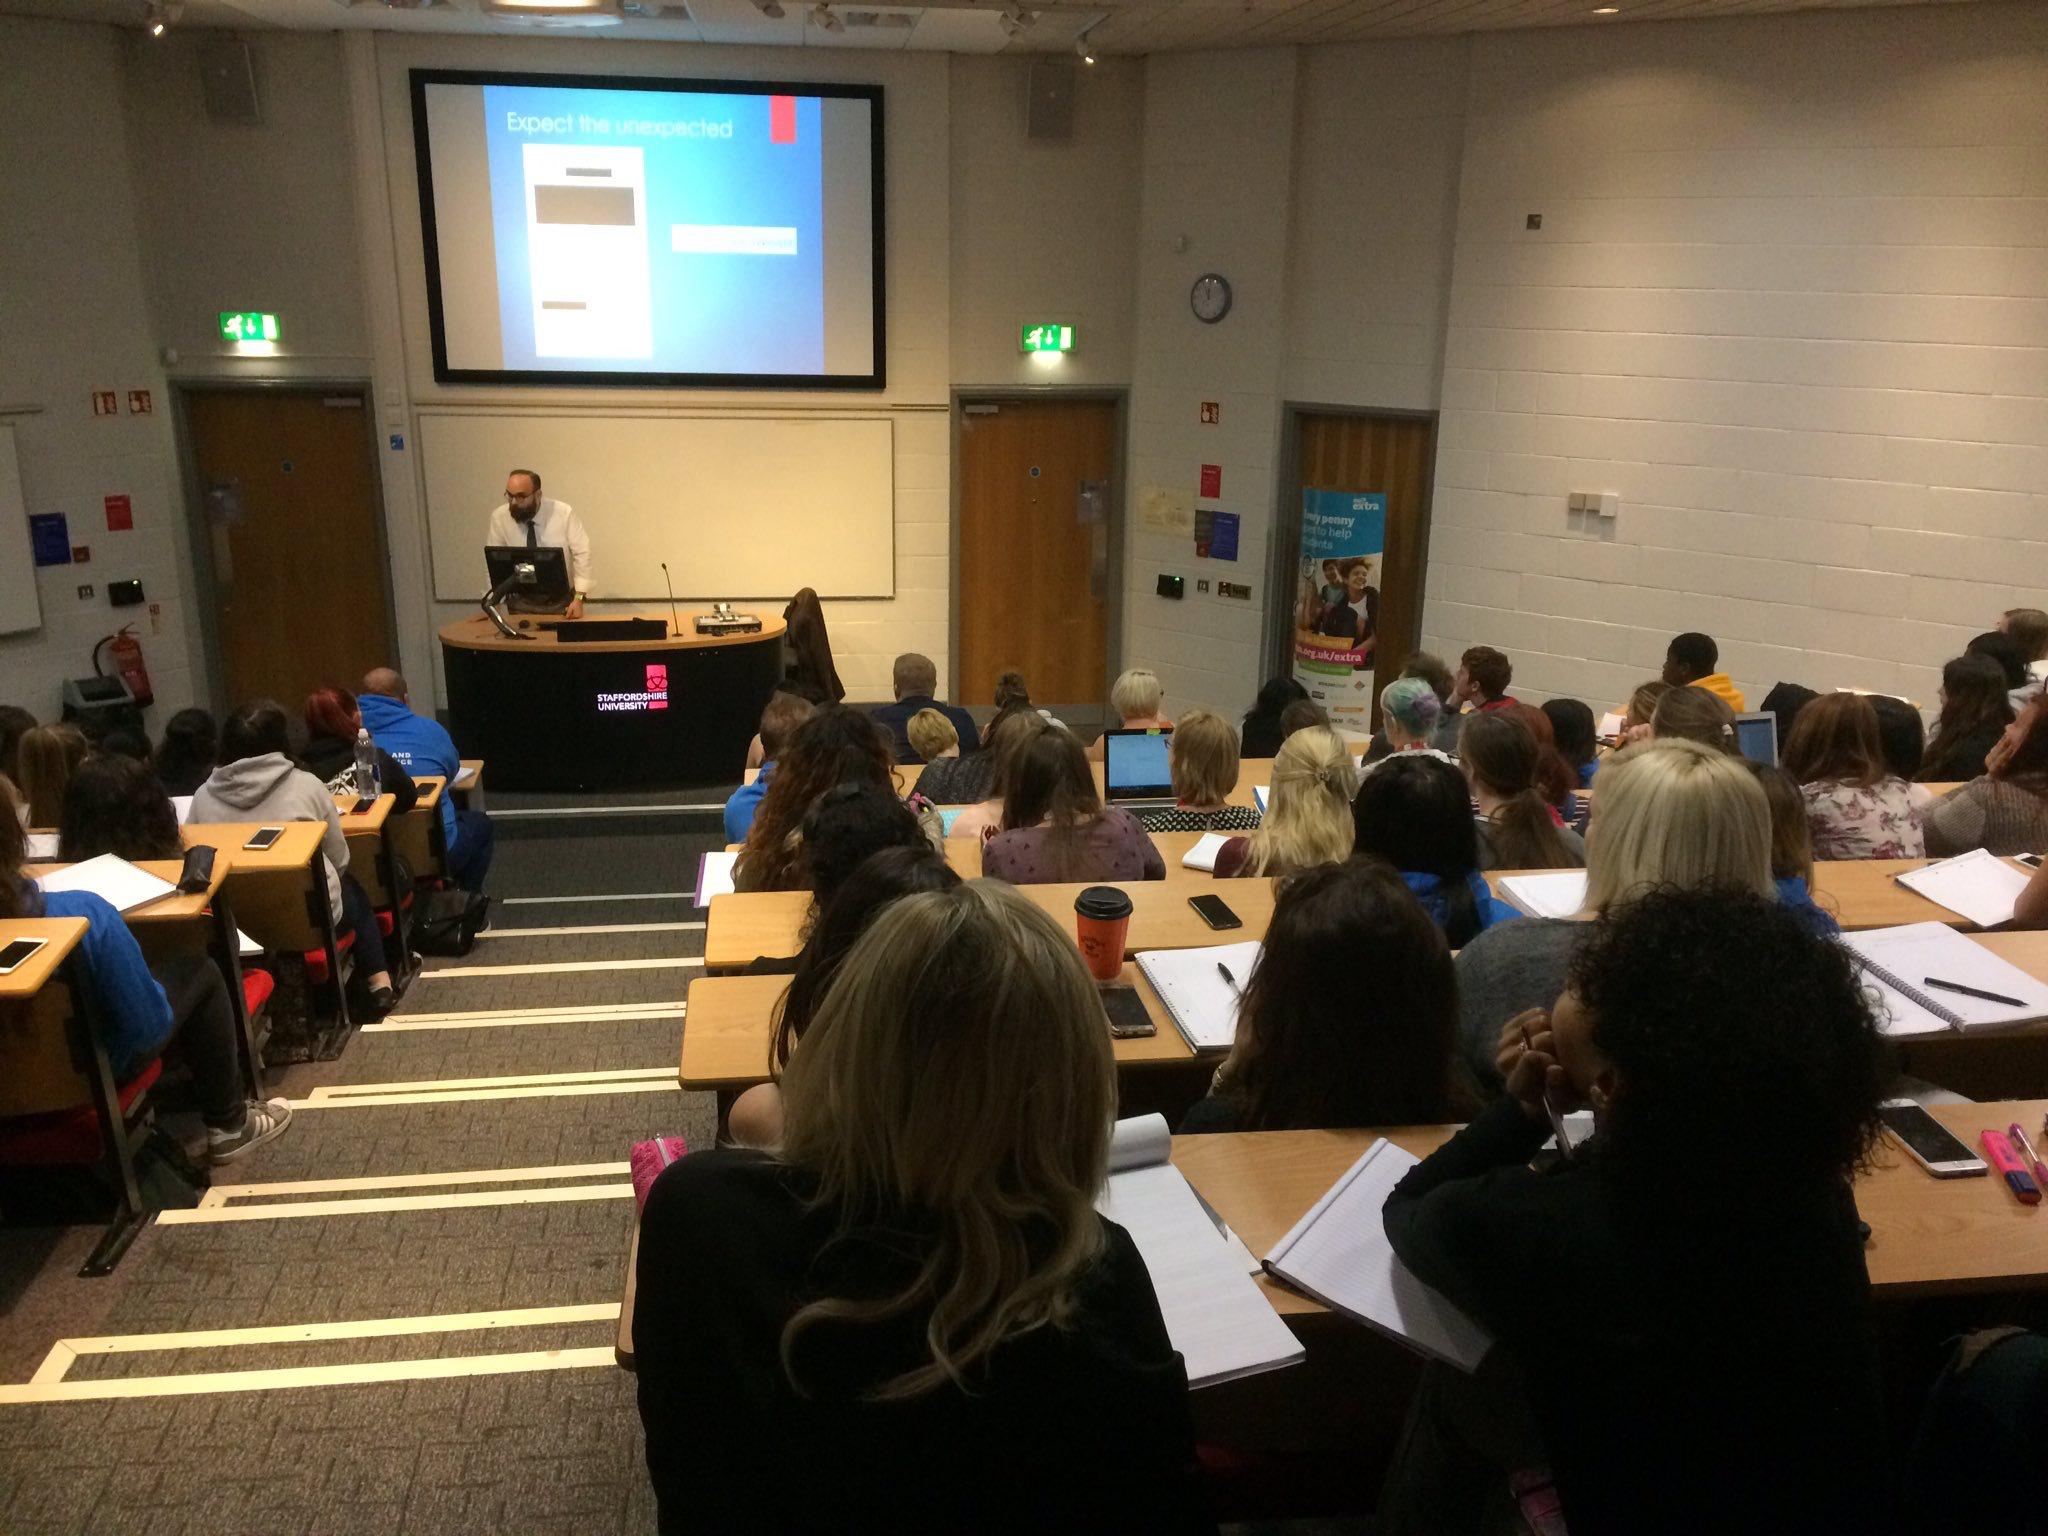 Τα υποστηρικτικά έγγραφα για τη διάλεξη της 6-10-2016 στο Πανεπιστήμιο Staffordshire είναι πλέον διαθέσιμα